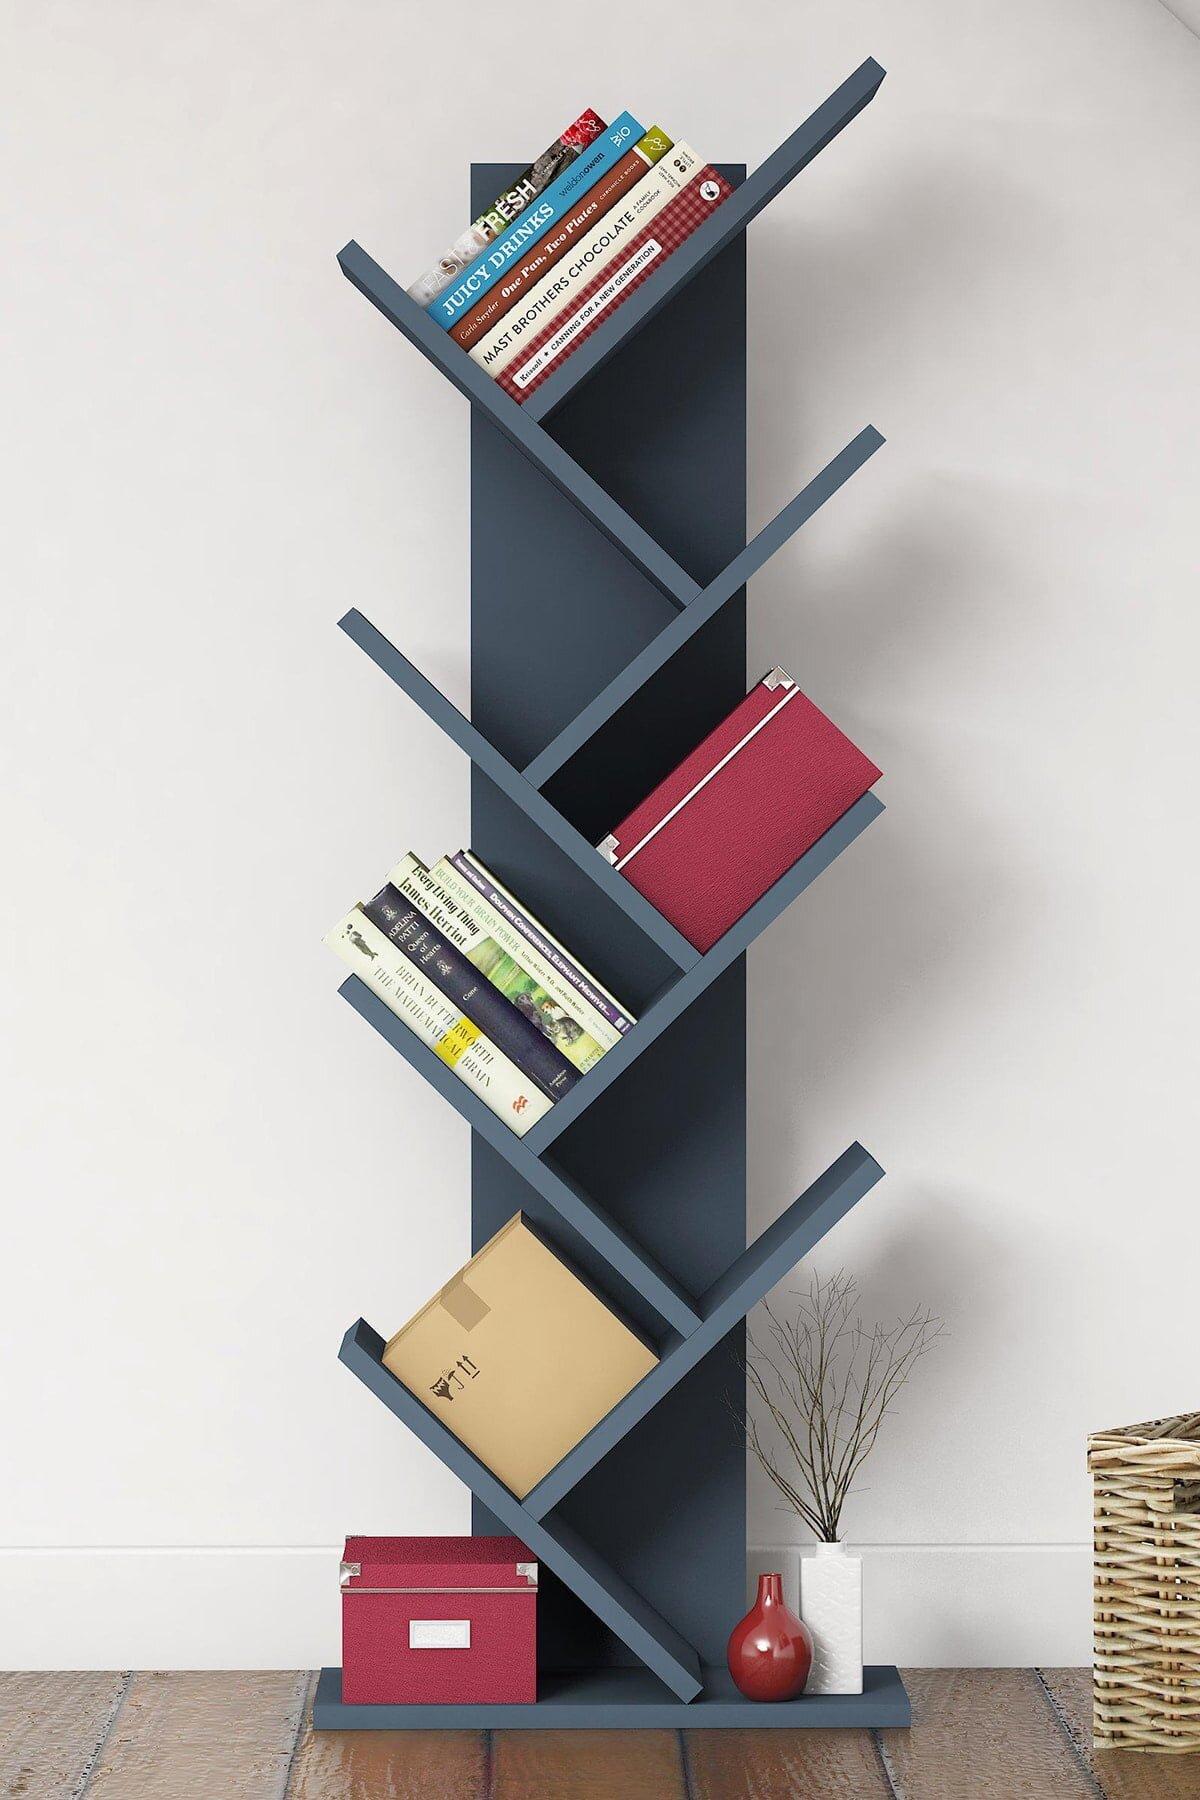 Birbirinden Farklı ve Renkli Duvar Kitaplık Modelleri